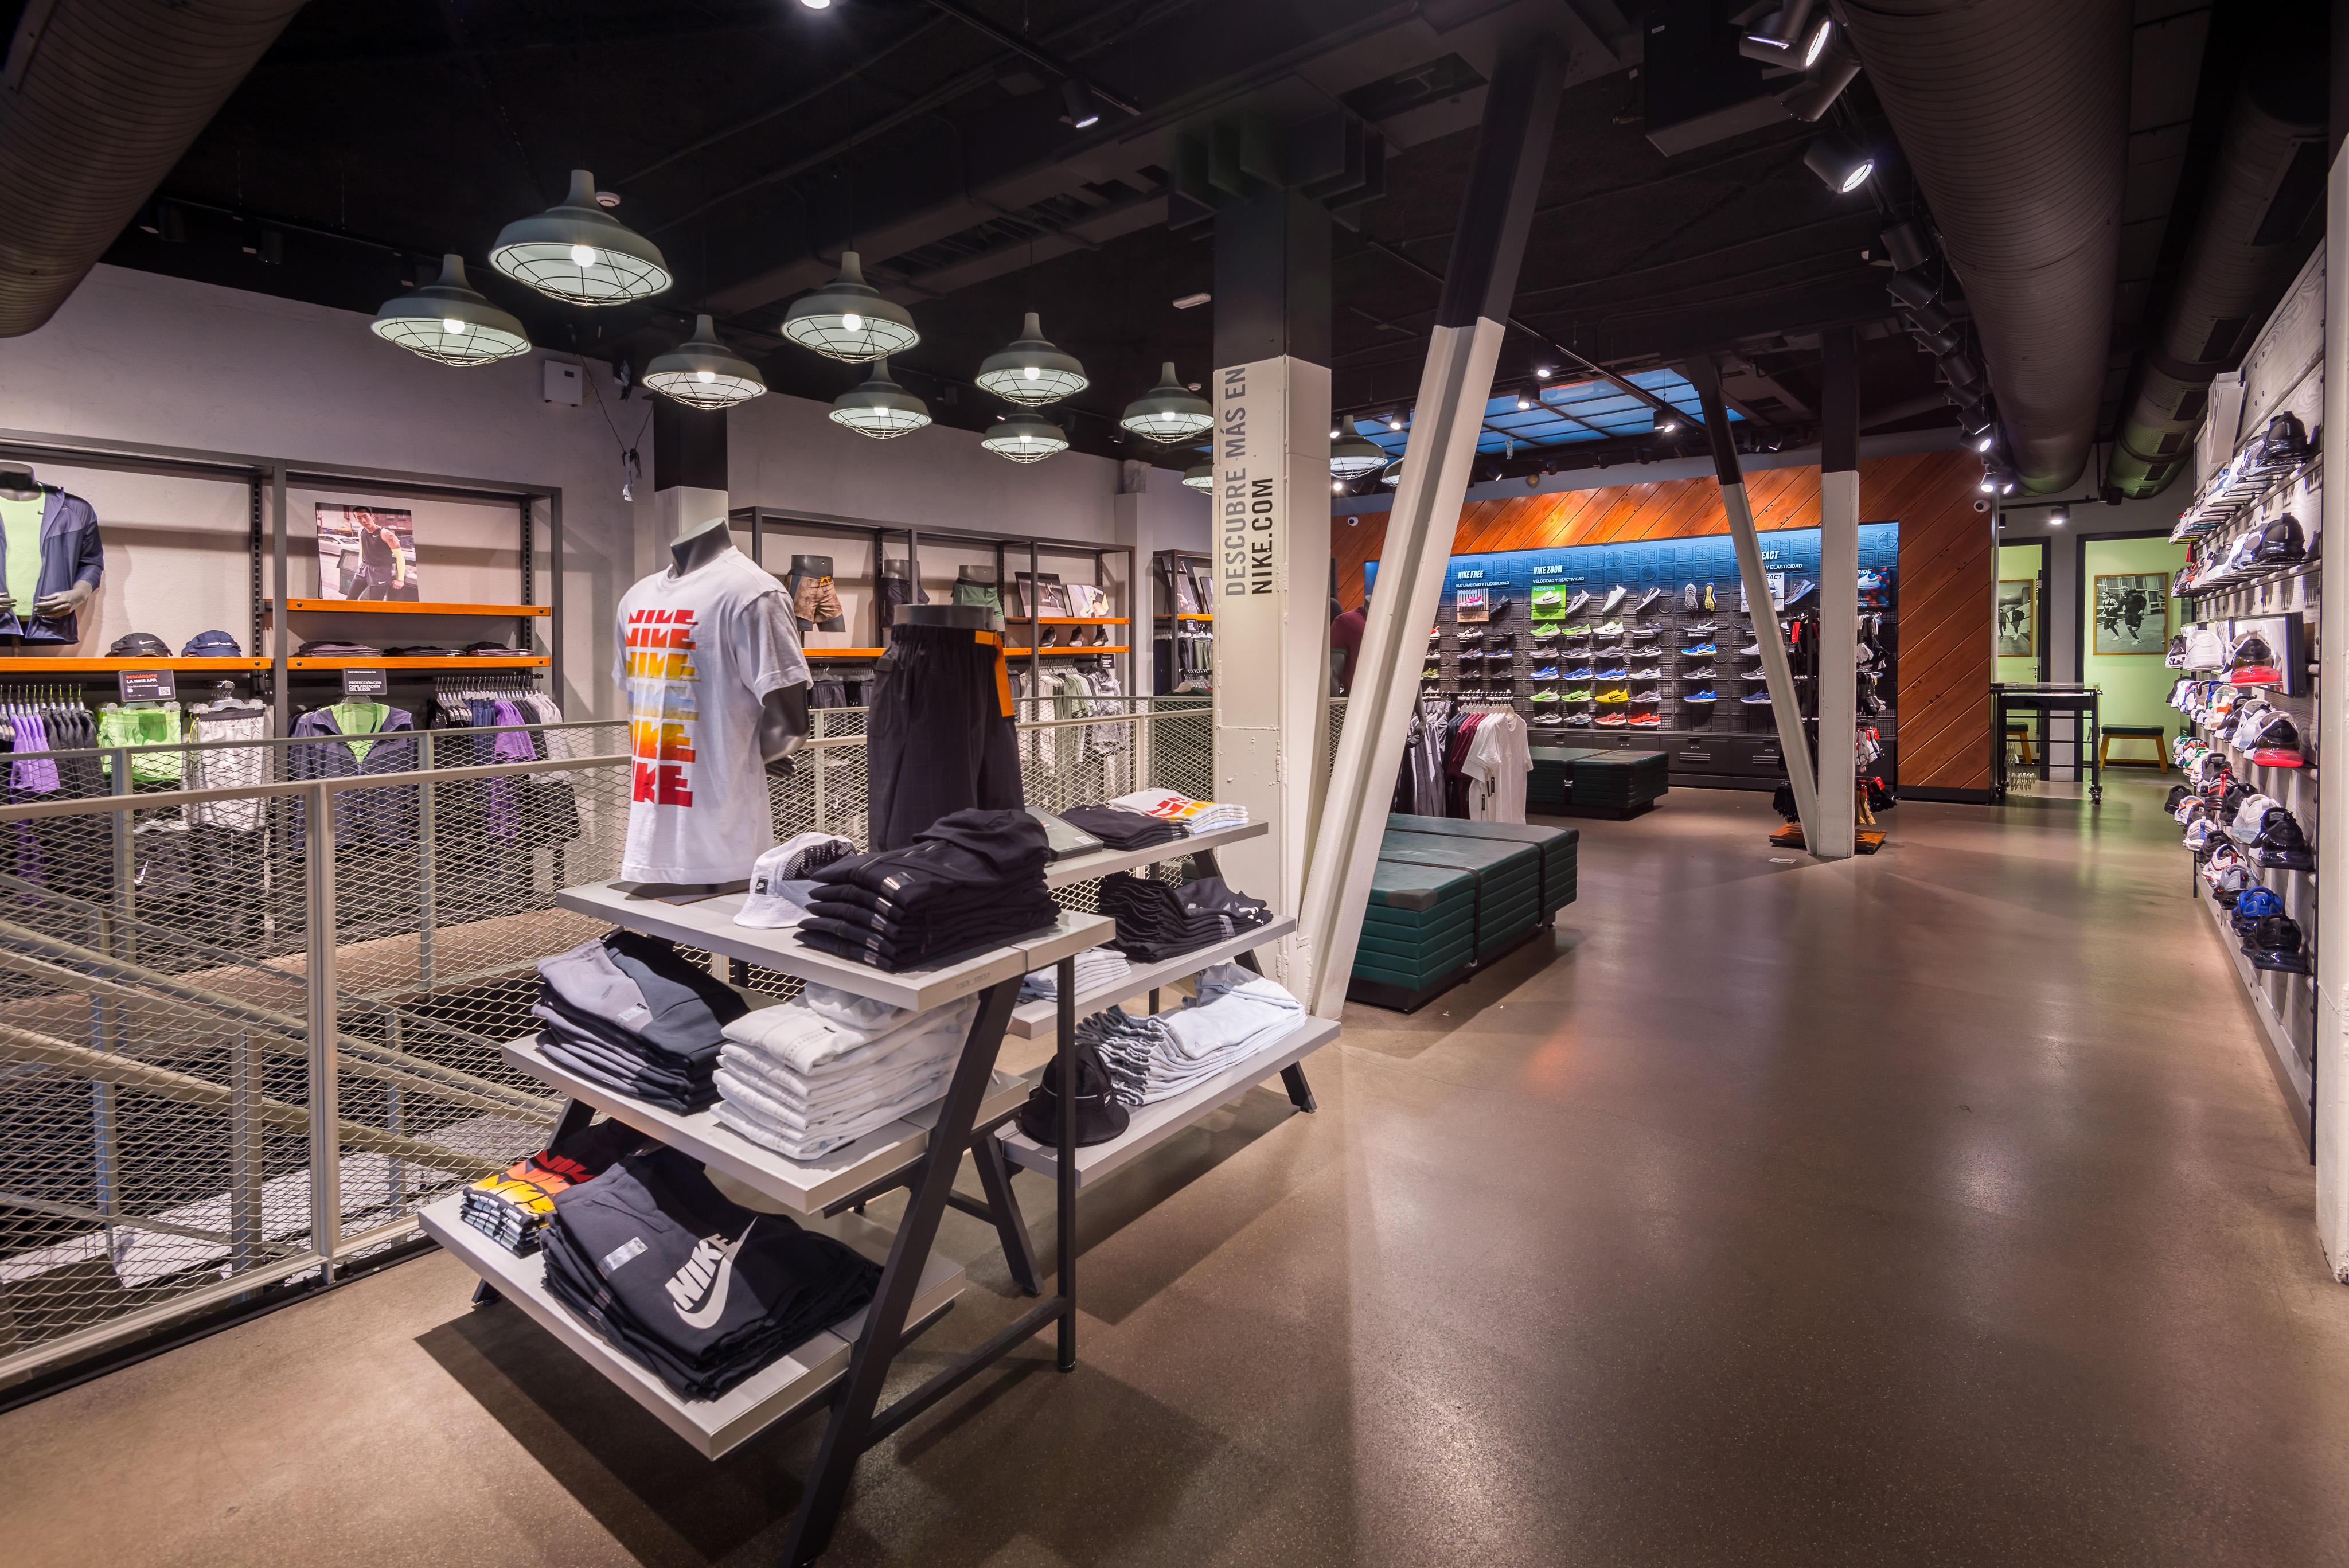 aprendiz Quejar Impresionante  Nike Store Serrano - Sports And Leisure:Articles And Apparel ...